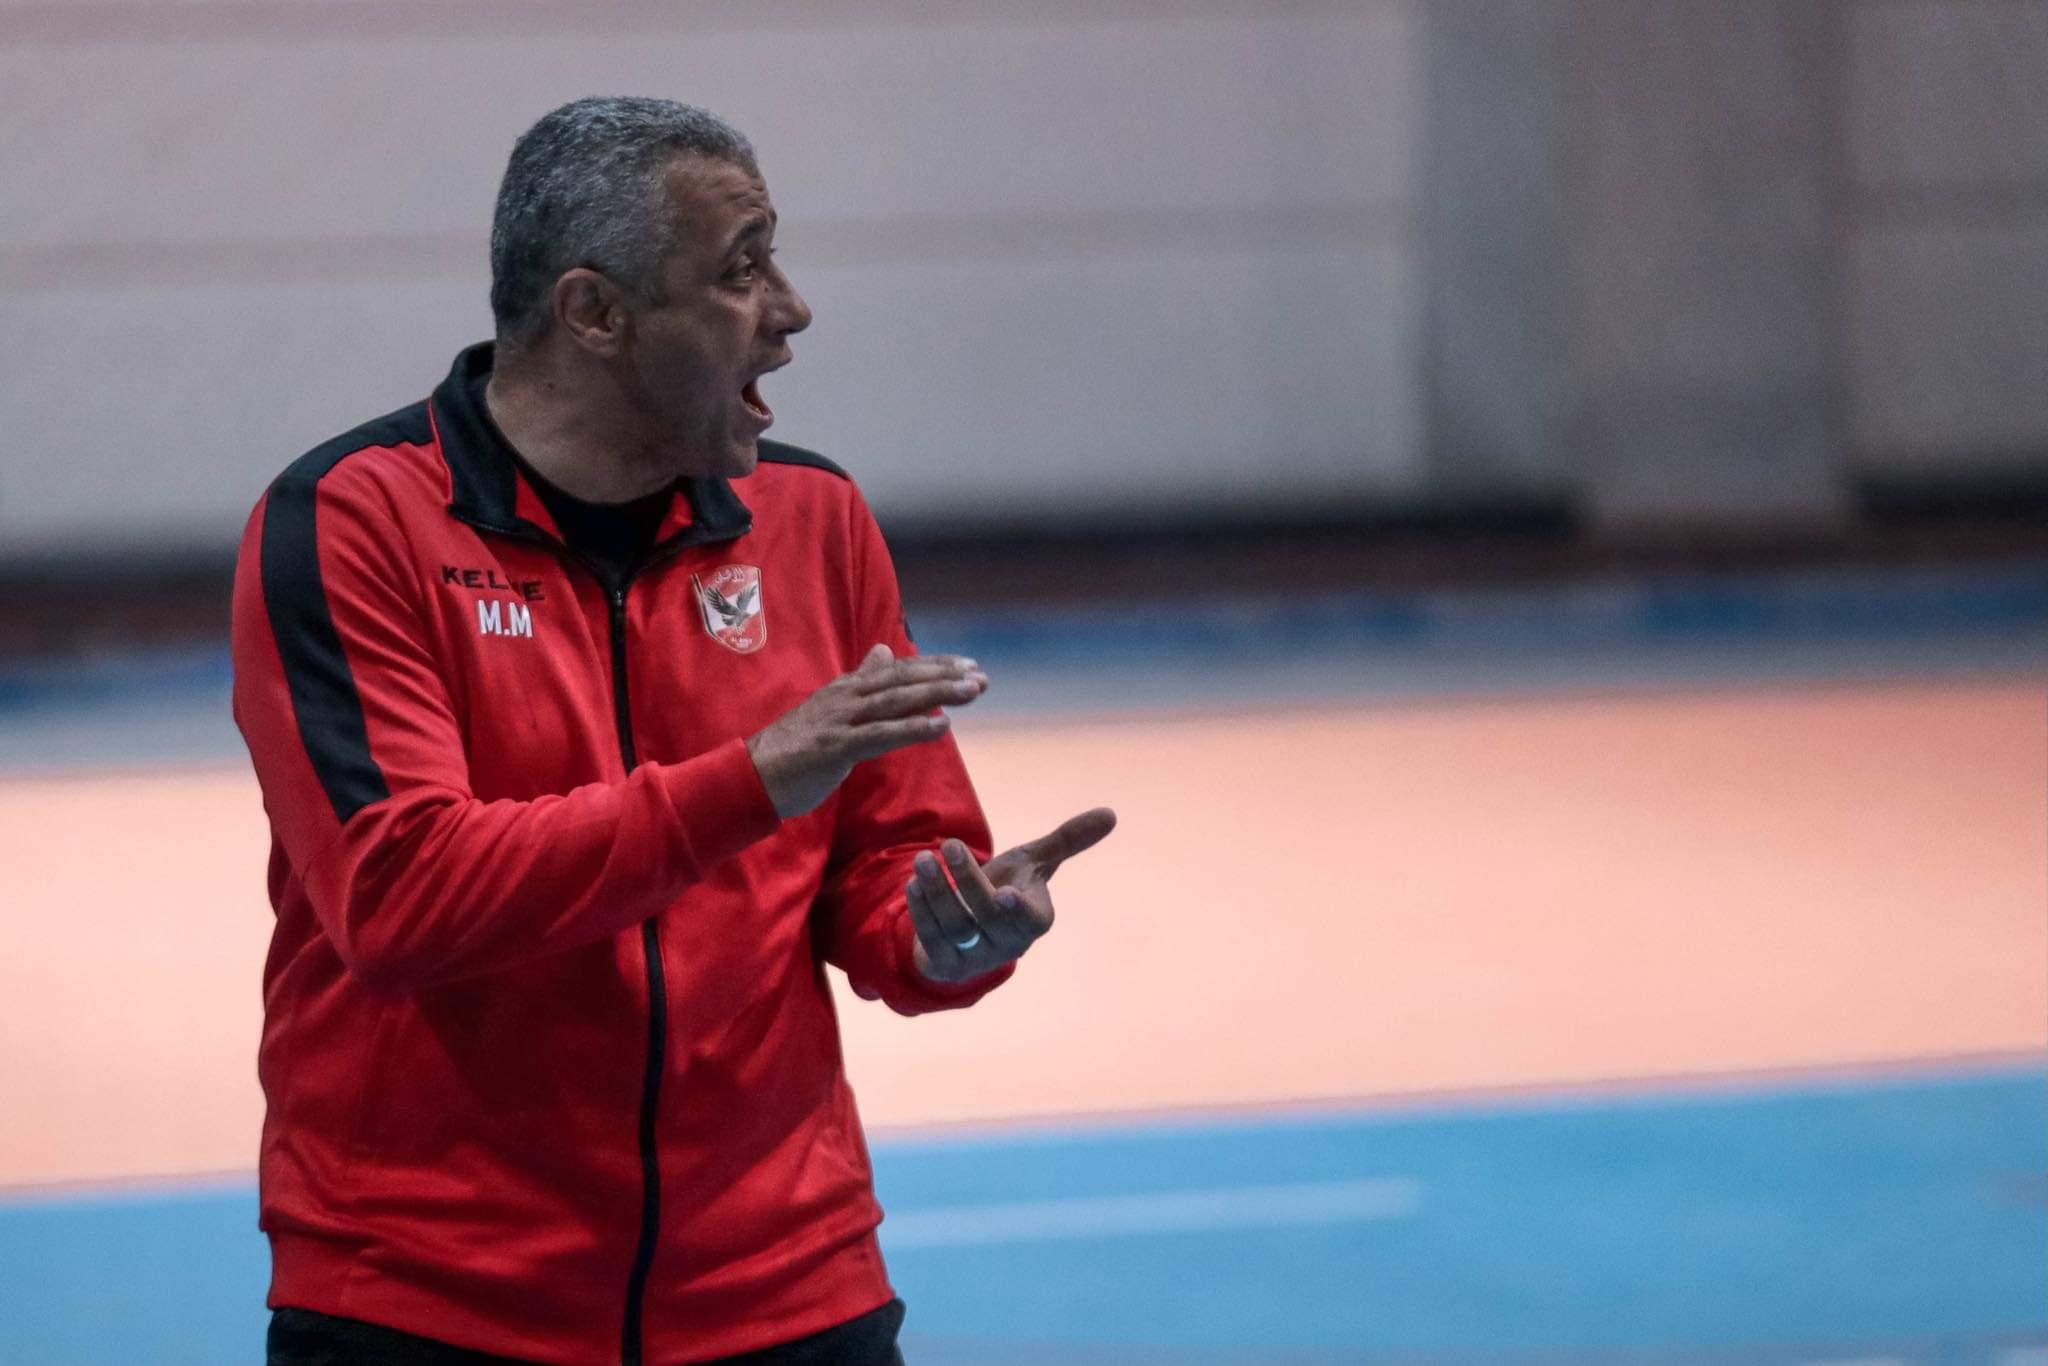 محمد مصيلحي